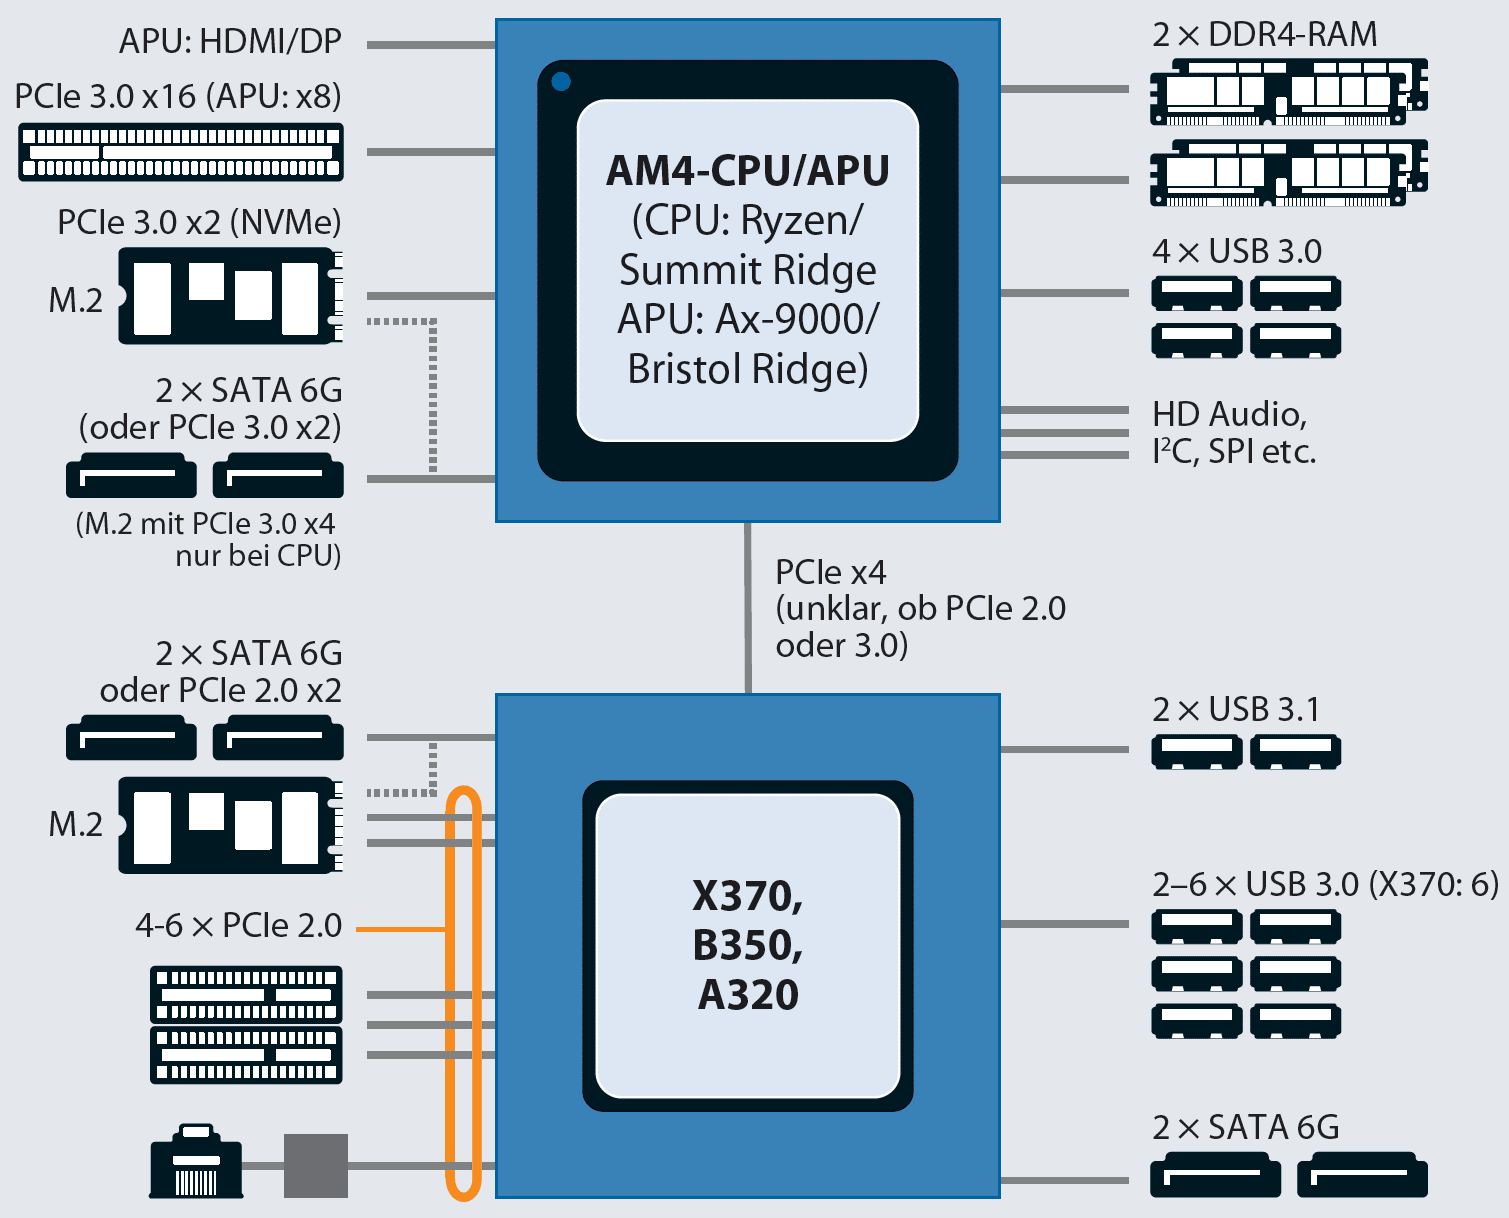 AMD Promontory für AM4: X370, B350, A320